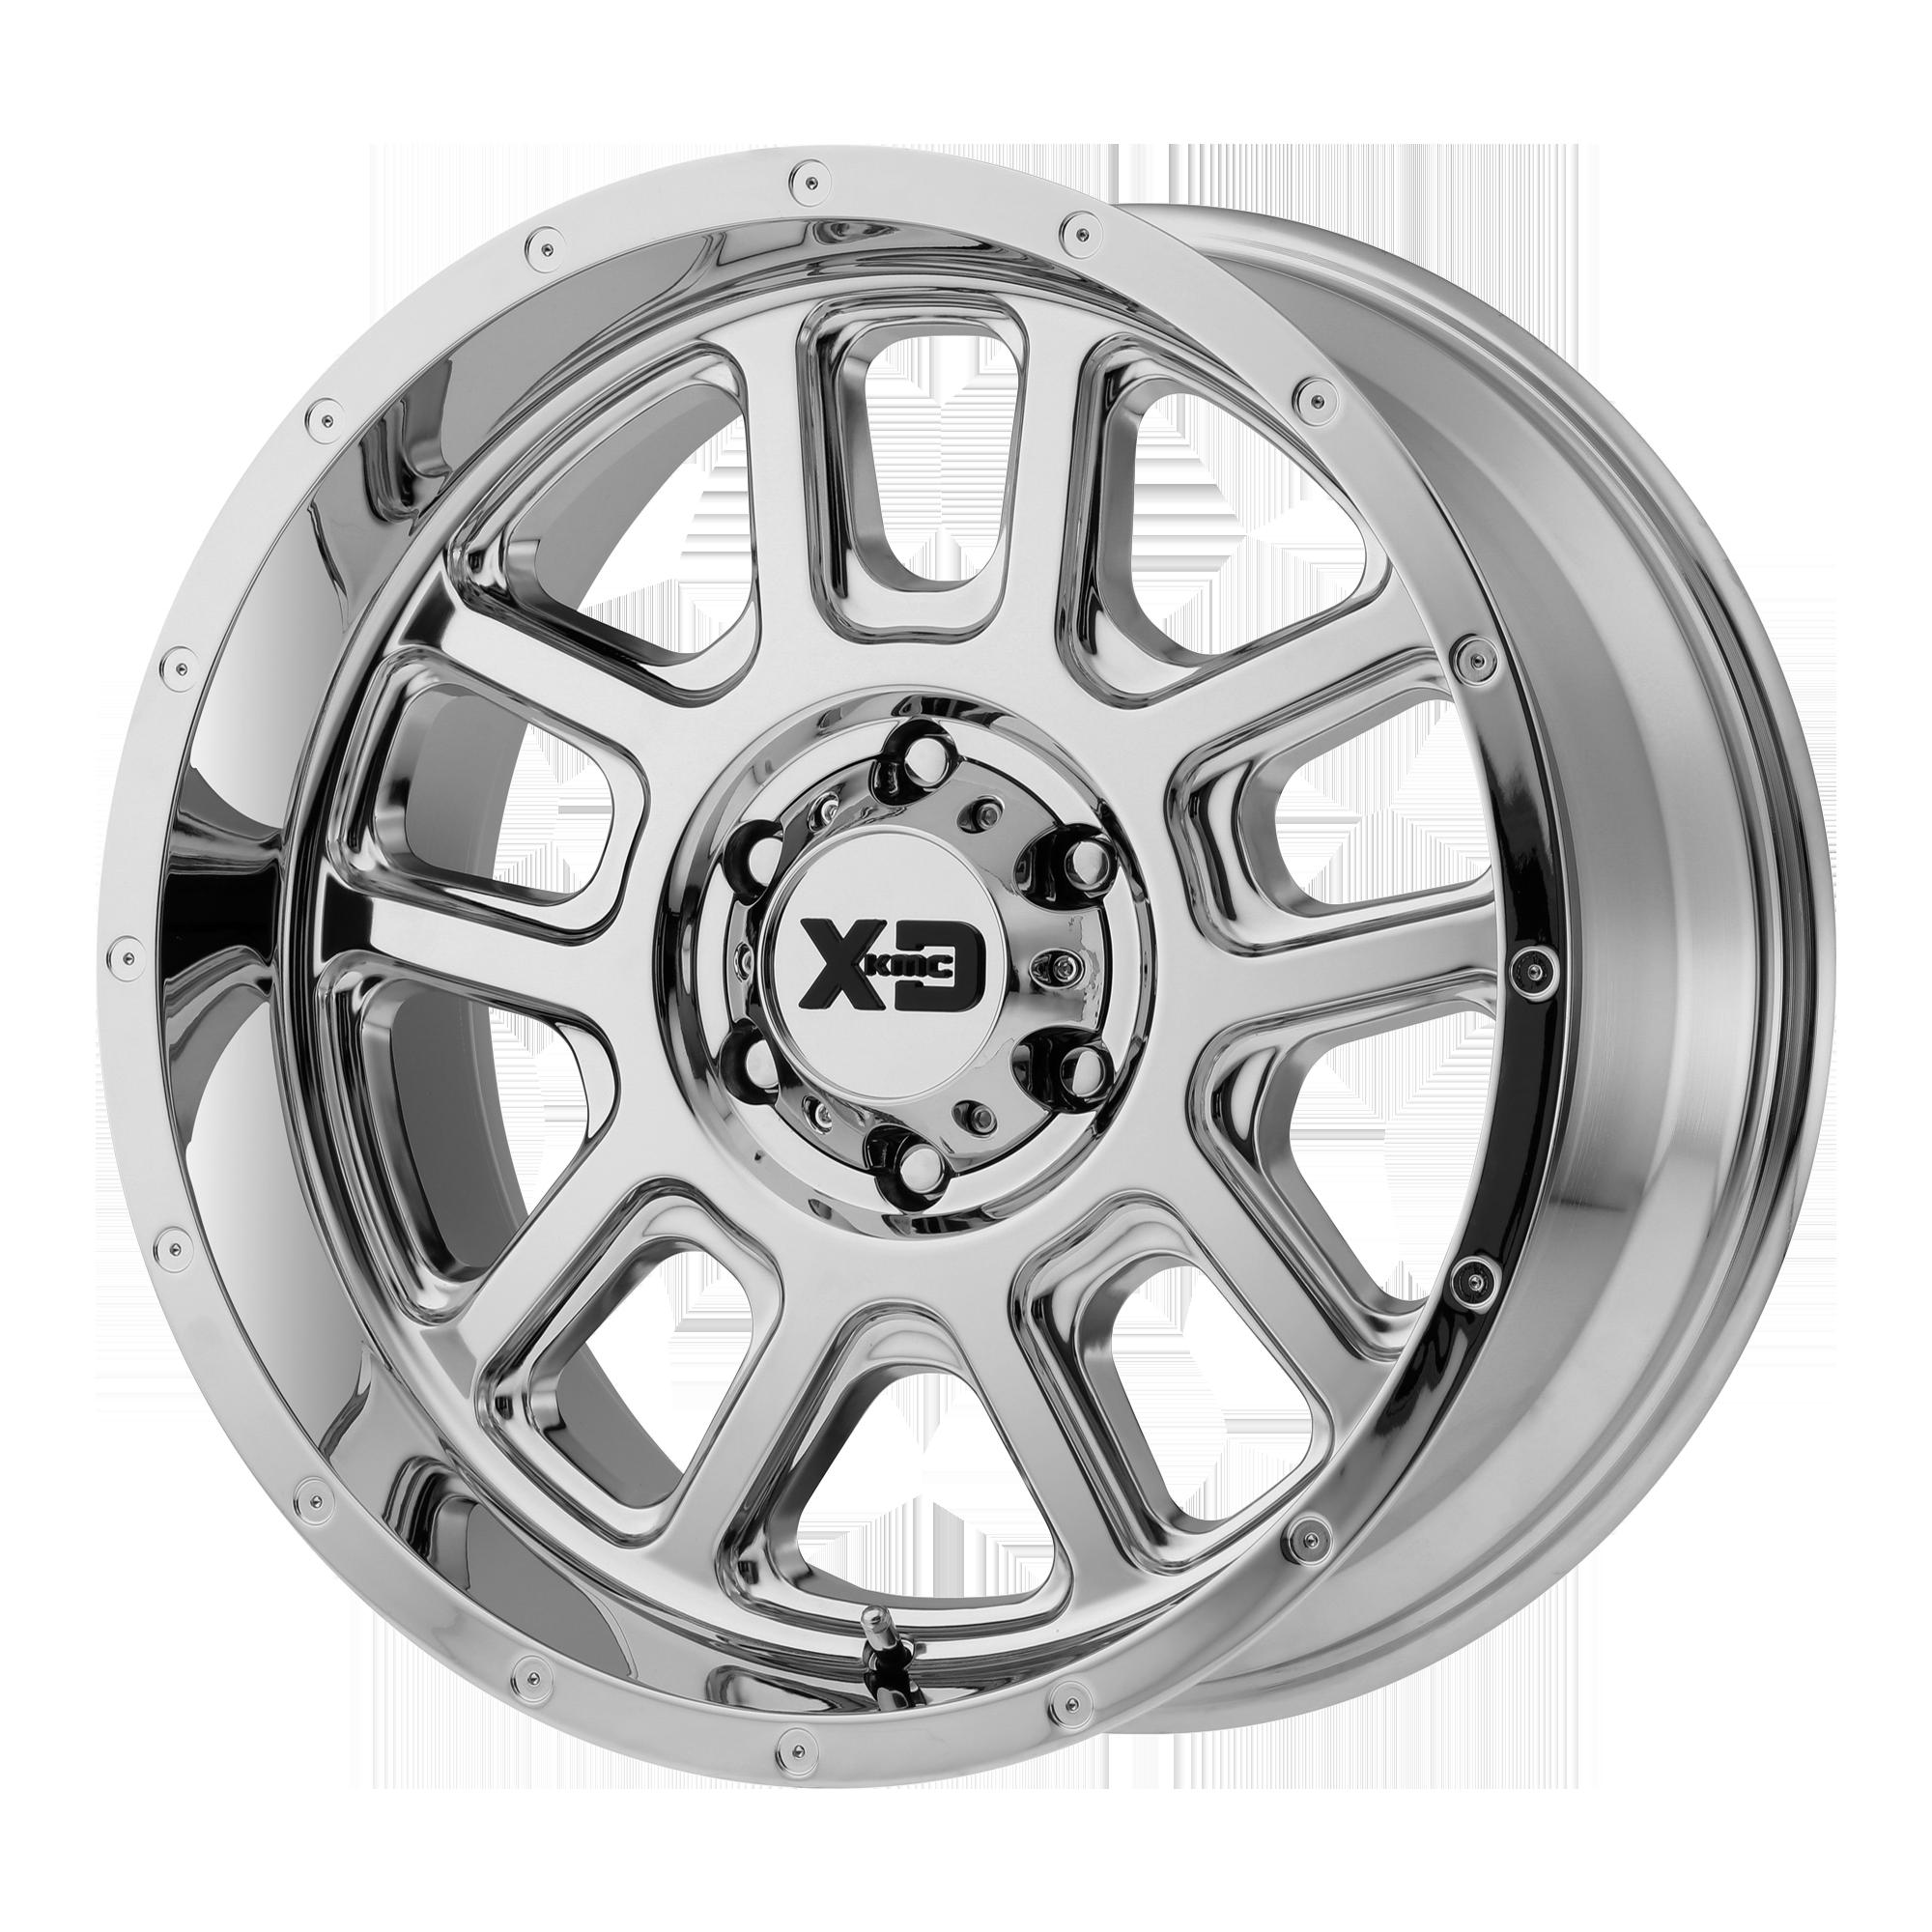 XD SERIES XD828 DELTA hliníkové disky 10x22 6x135 ET-18 Chrome